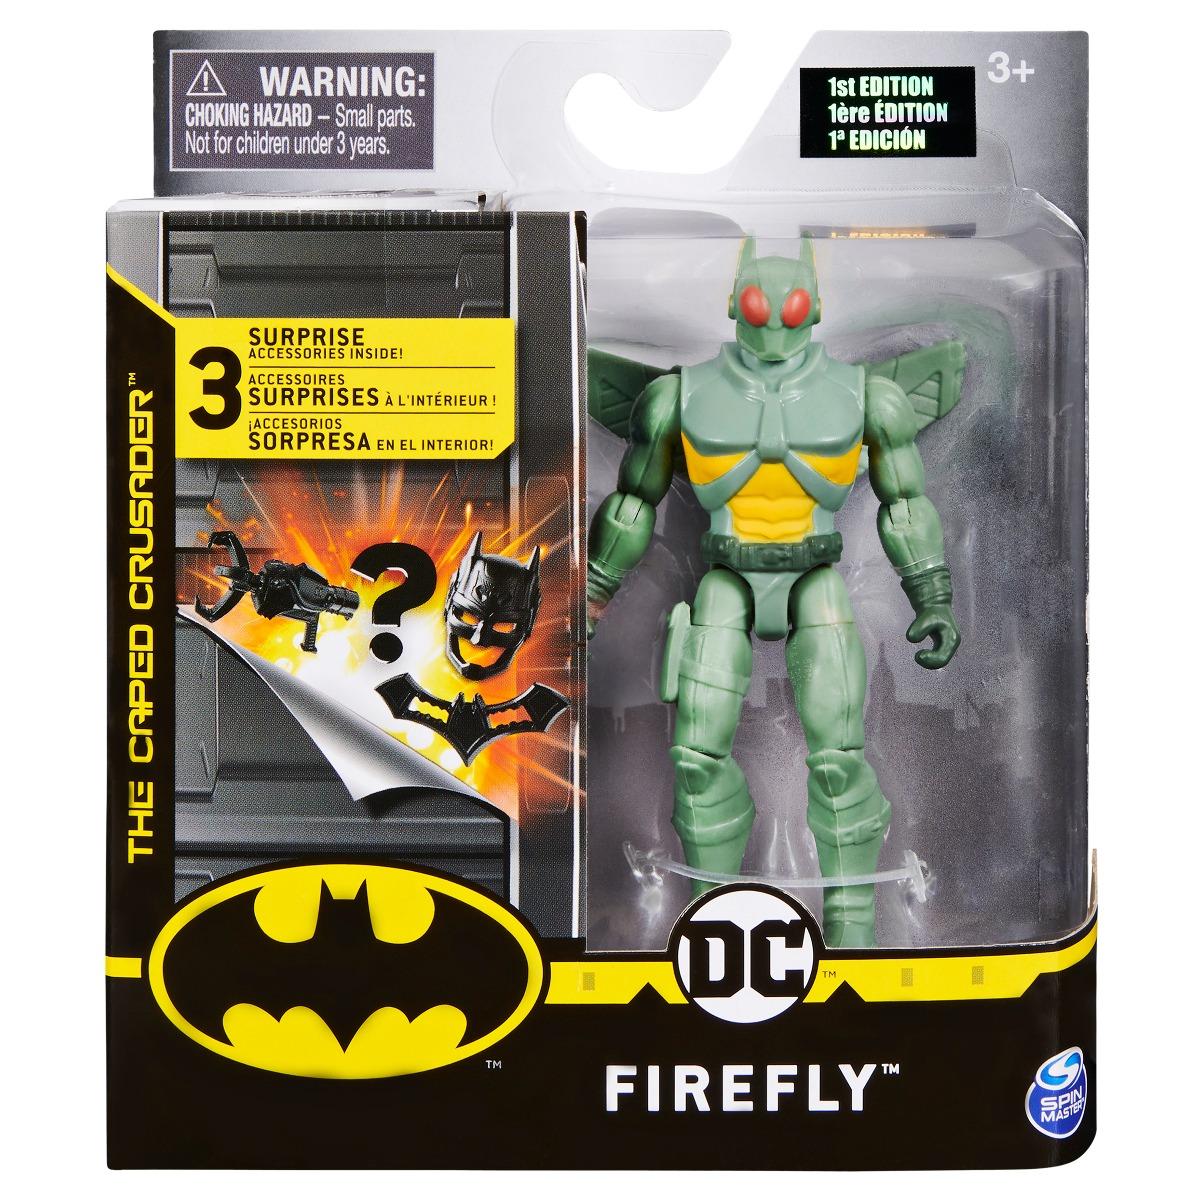 Set Figurina cu accesorii surpriza Batman, Firefly 20125097